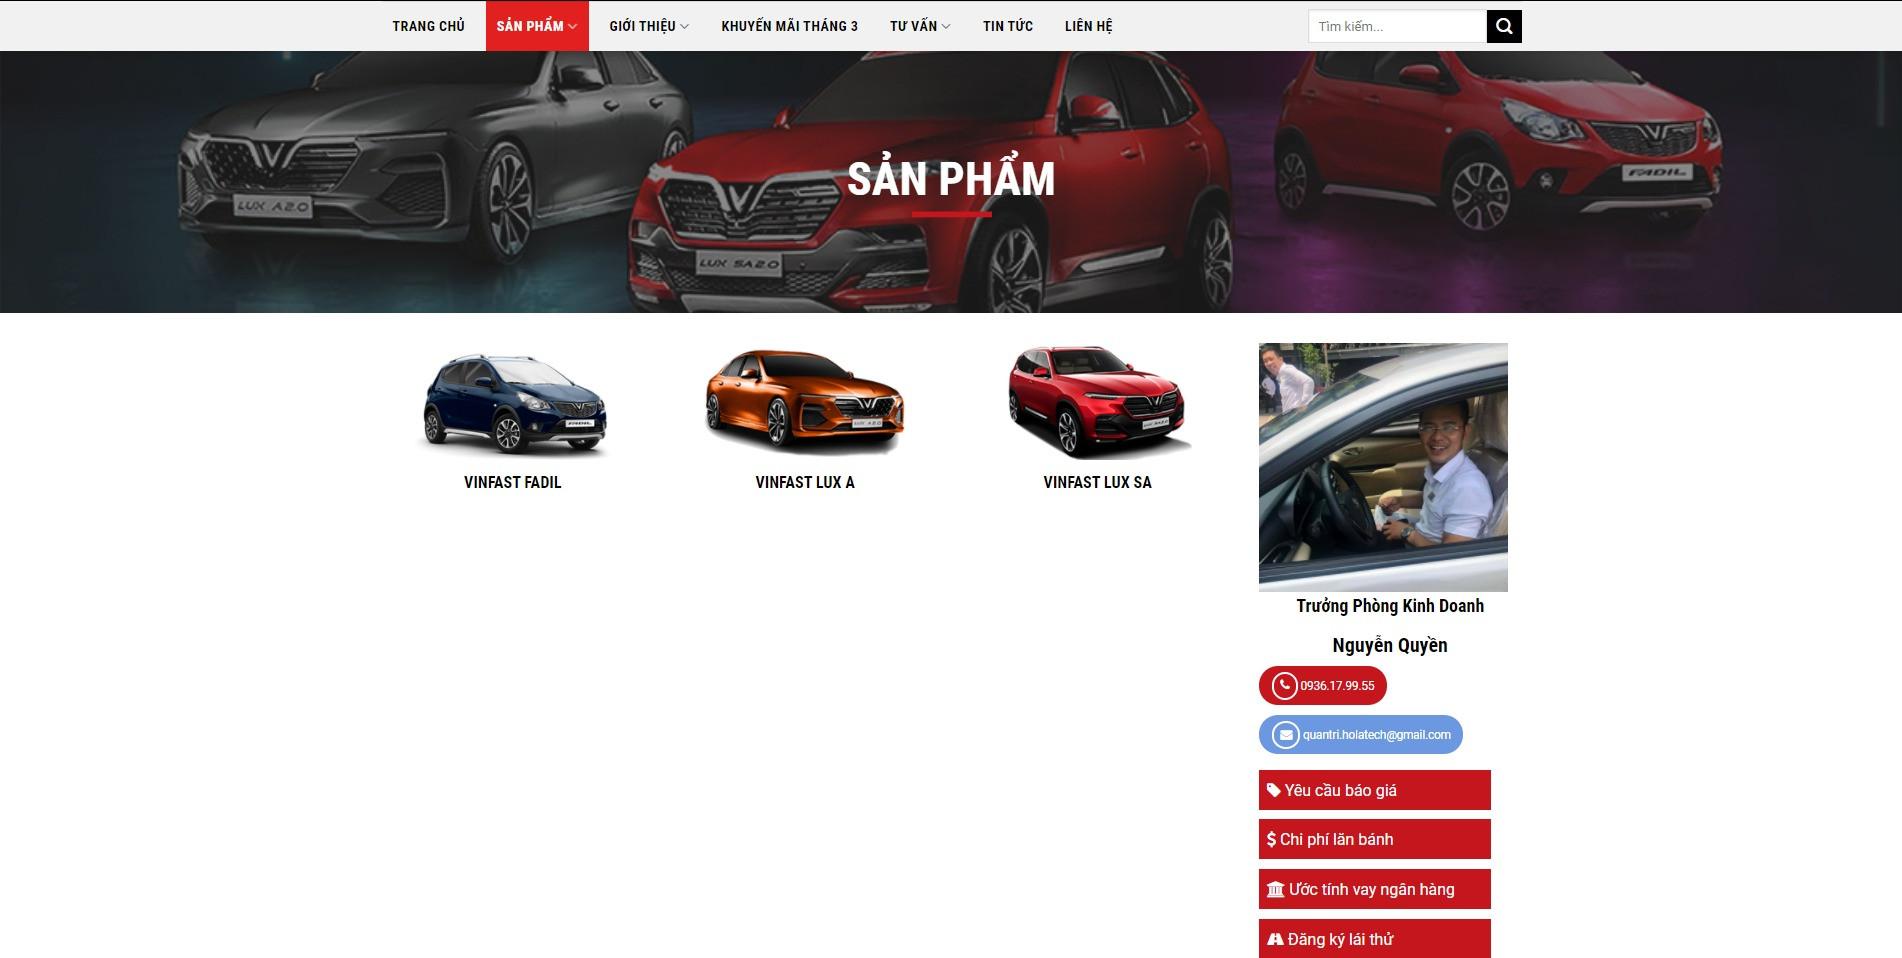 Trang danh mục sản phẩm của Website ô tô Vinfast